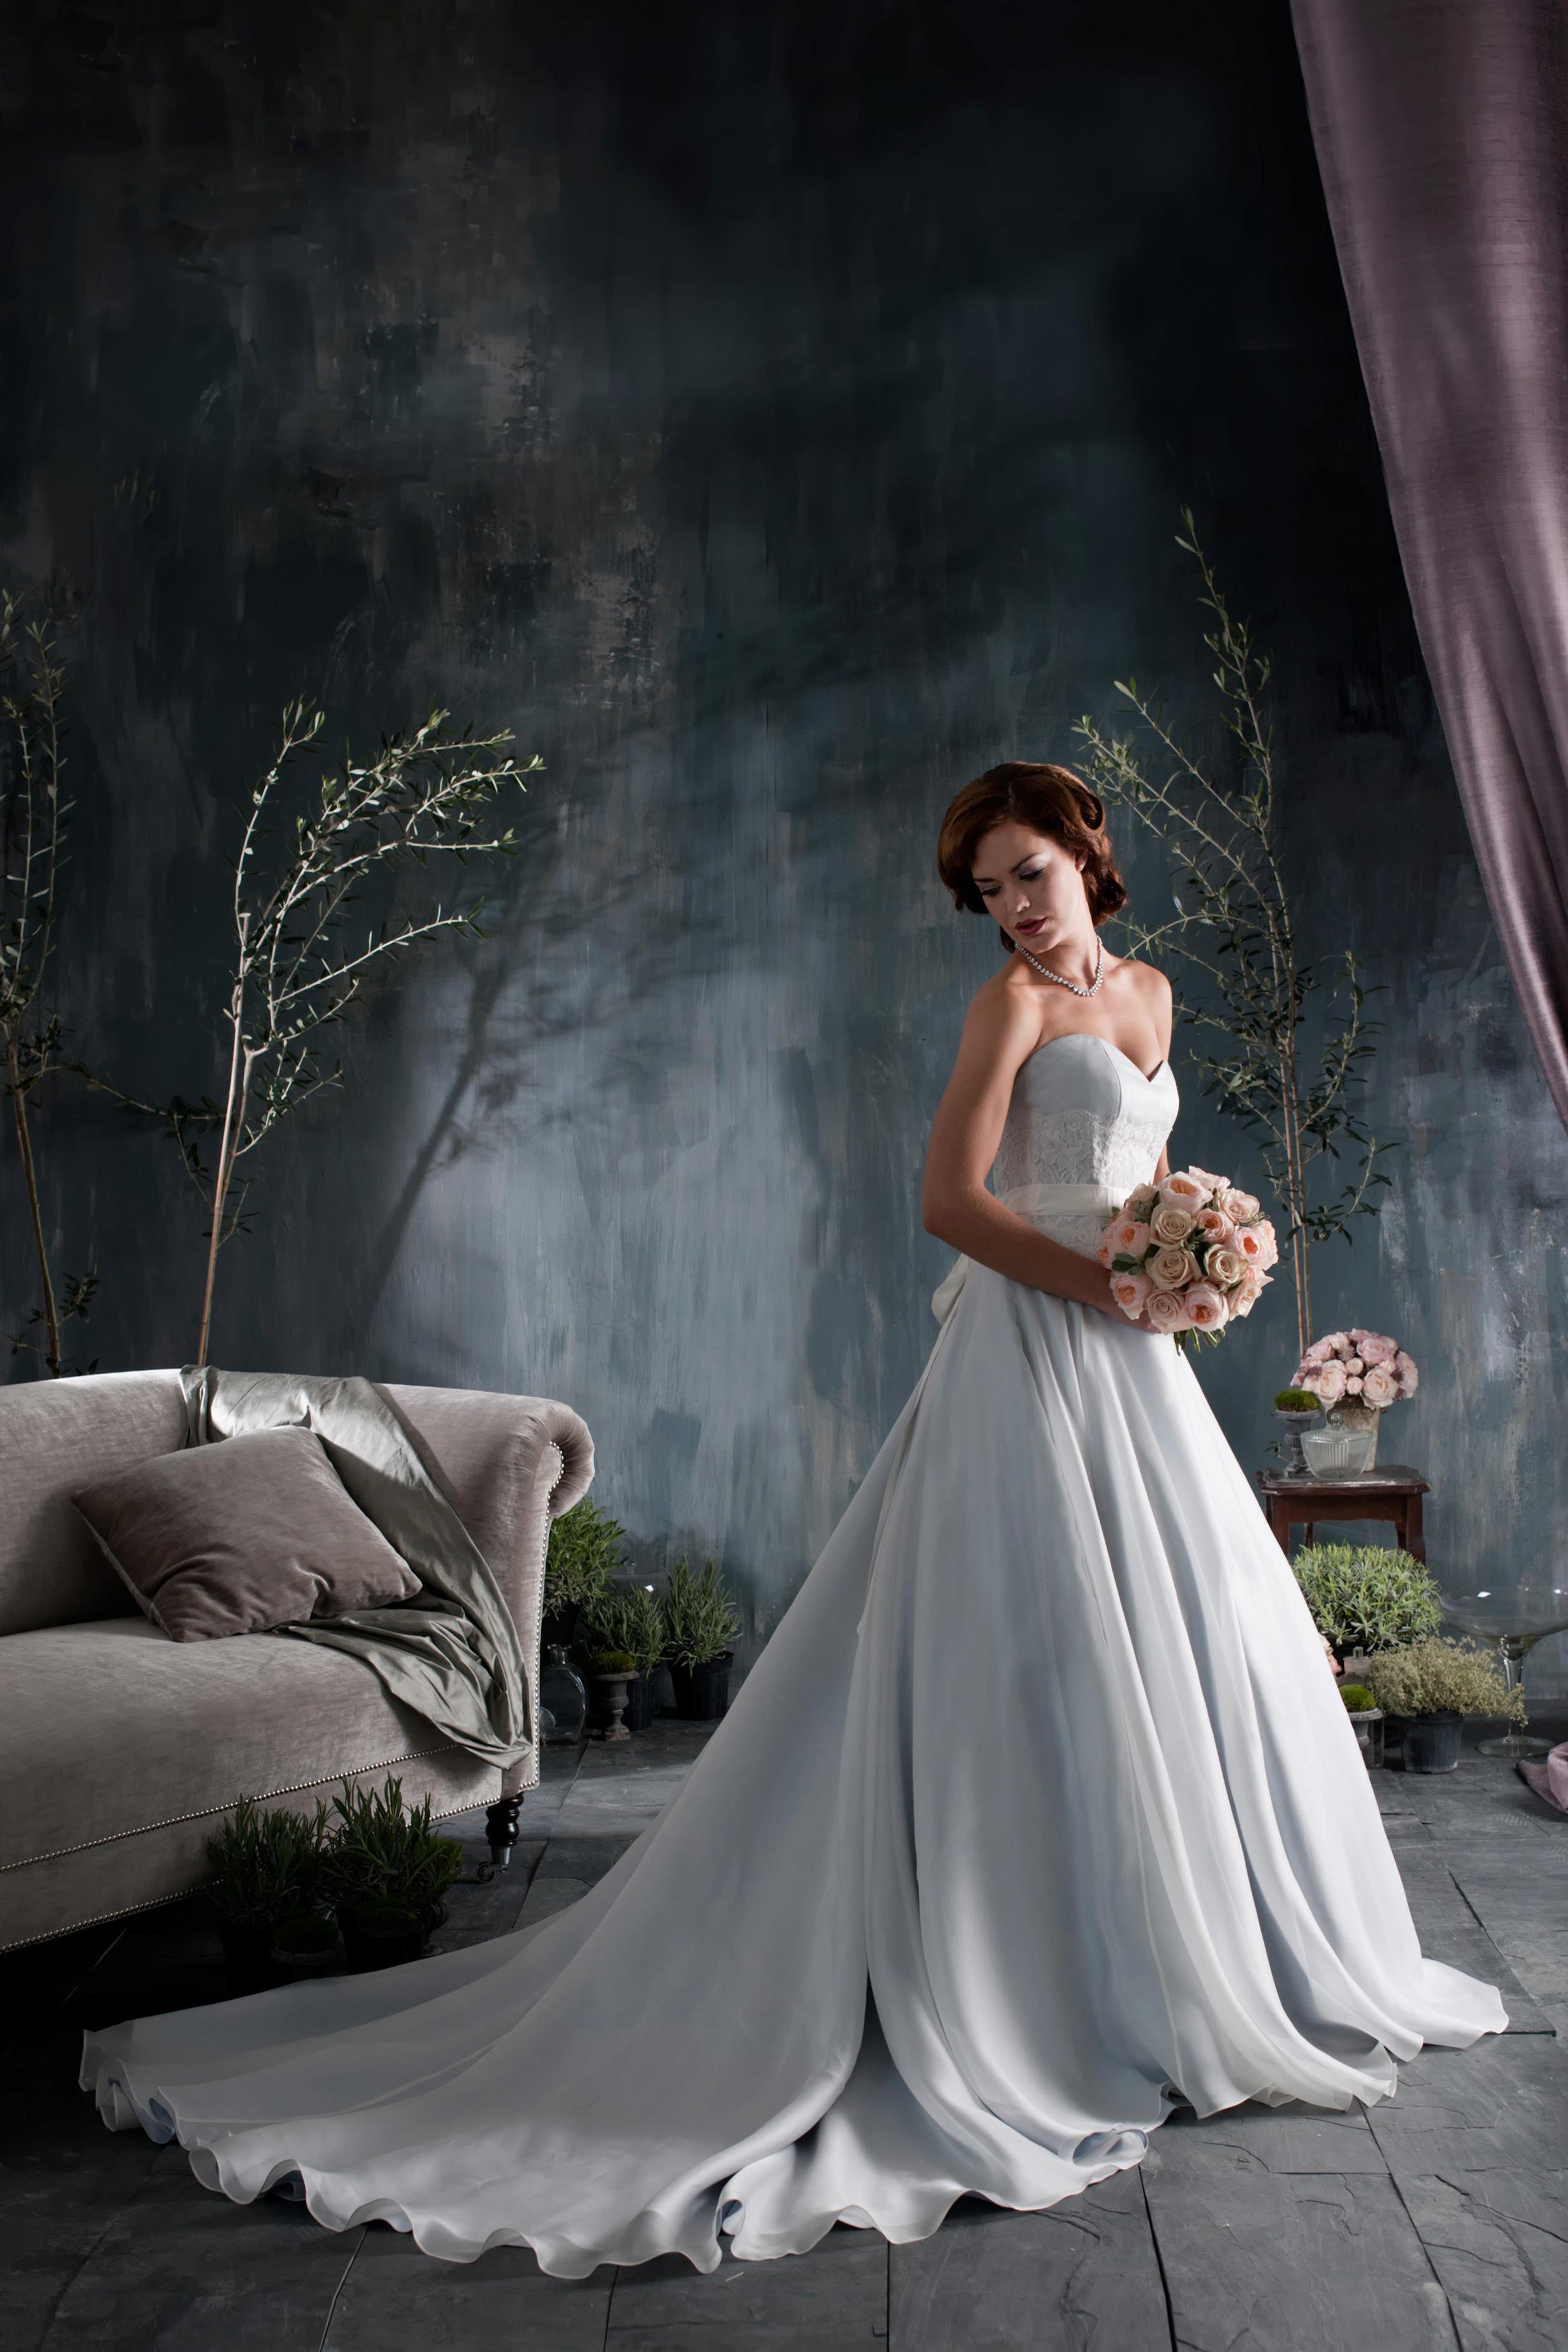 مجموعة فساتين زفاف متنوعة P_151218